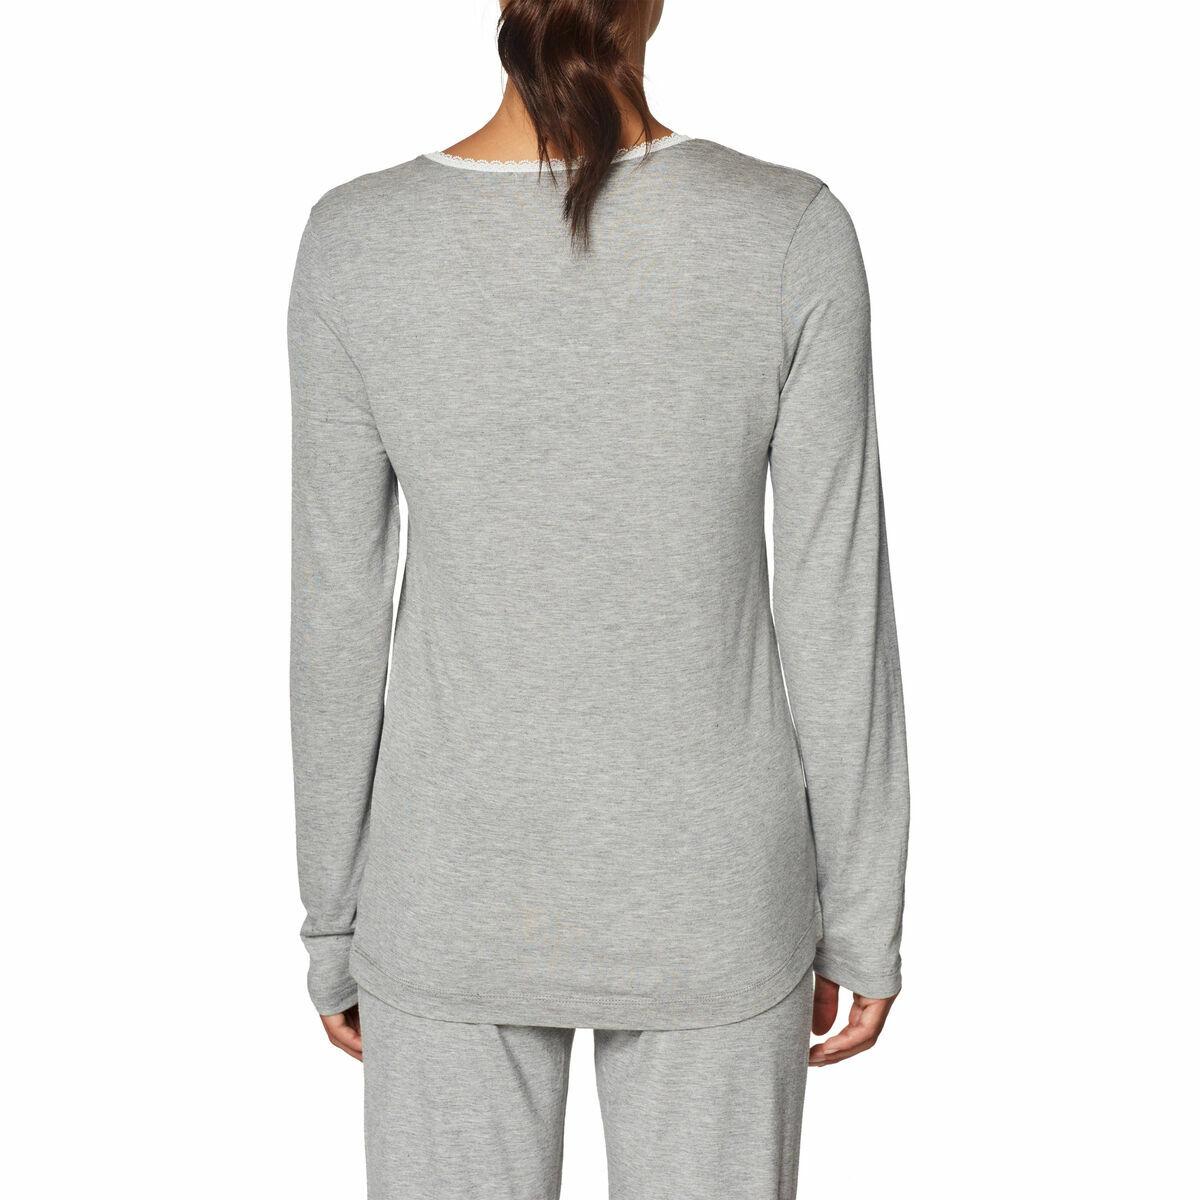 Bild 3 von Esprit Damen Shirt, langarm